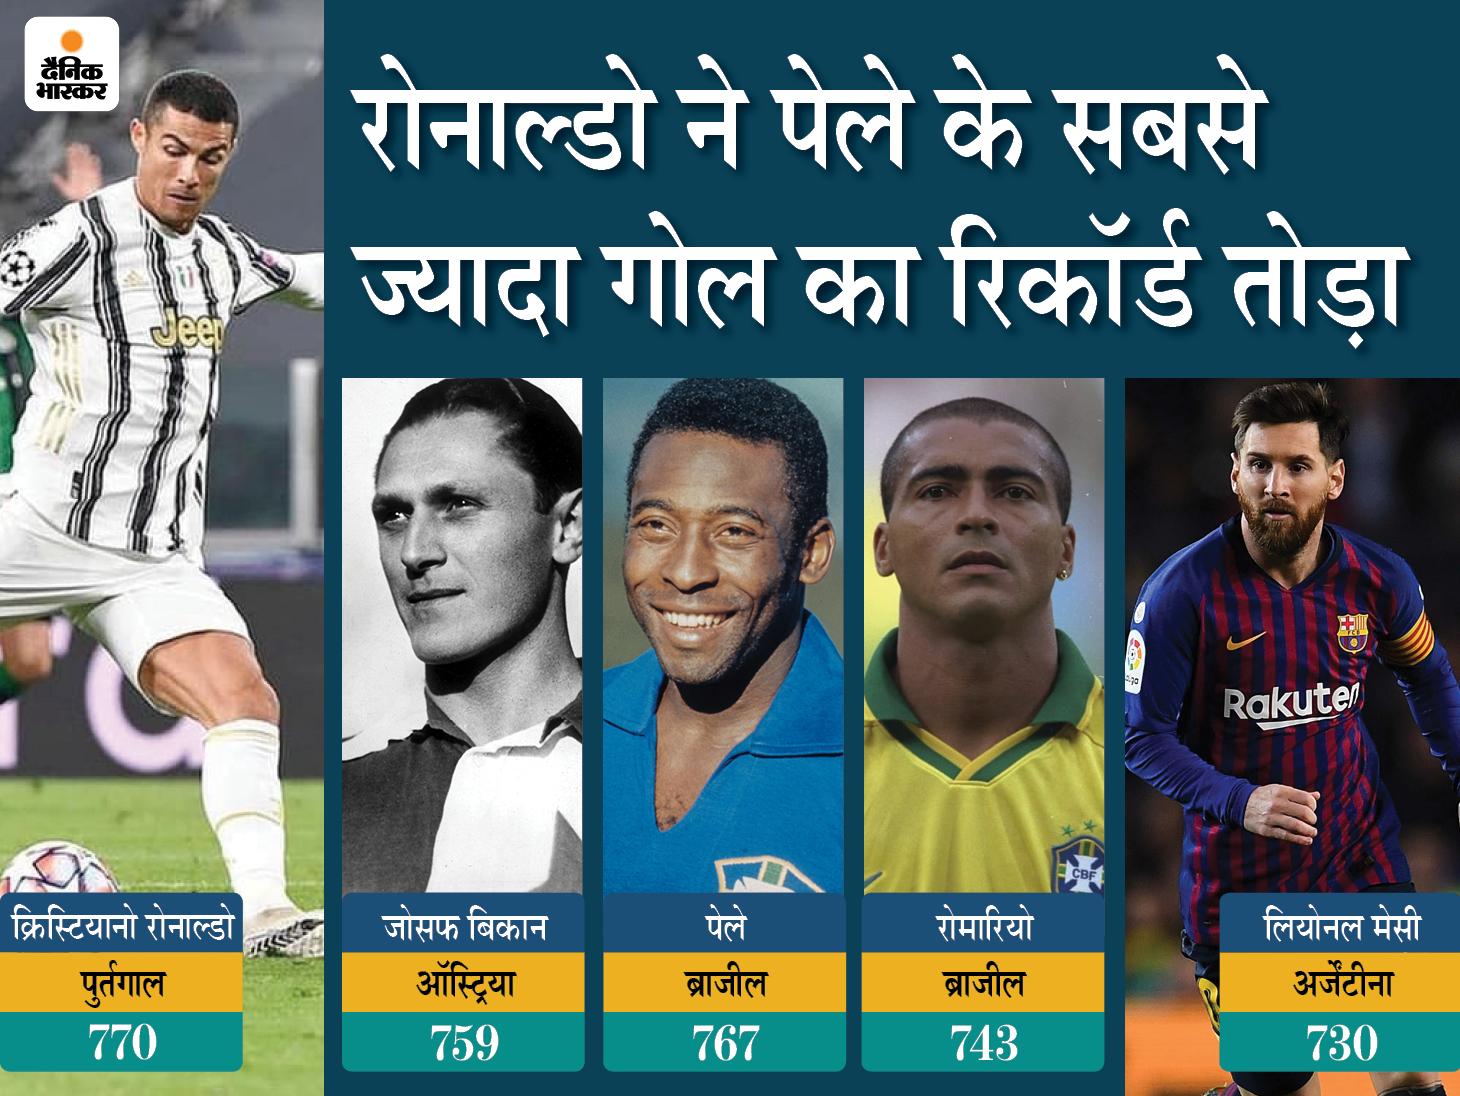 फुटबॉल इतिहास में सबसे ज्यादा 770 गोल दागने वाले खिलाड़ी बने; पेले ने बधाई दी, बोले- हमारी दोस्ती आगे भी बनी रहेगी स्पोर्ट्स,Sports - Dainik Bhaskar